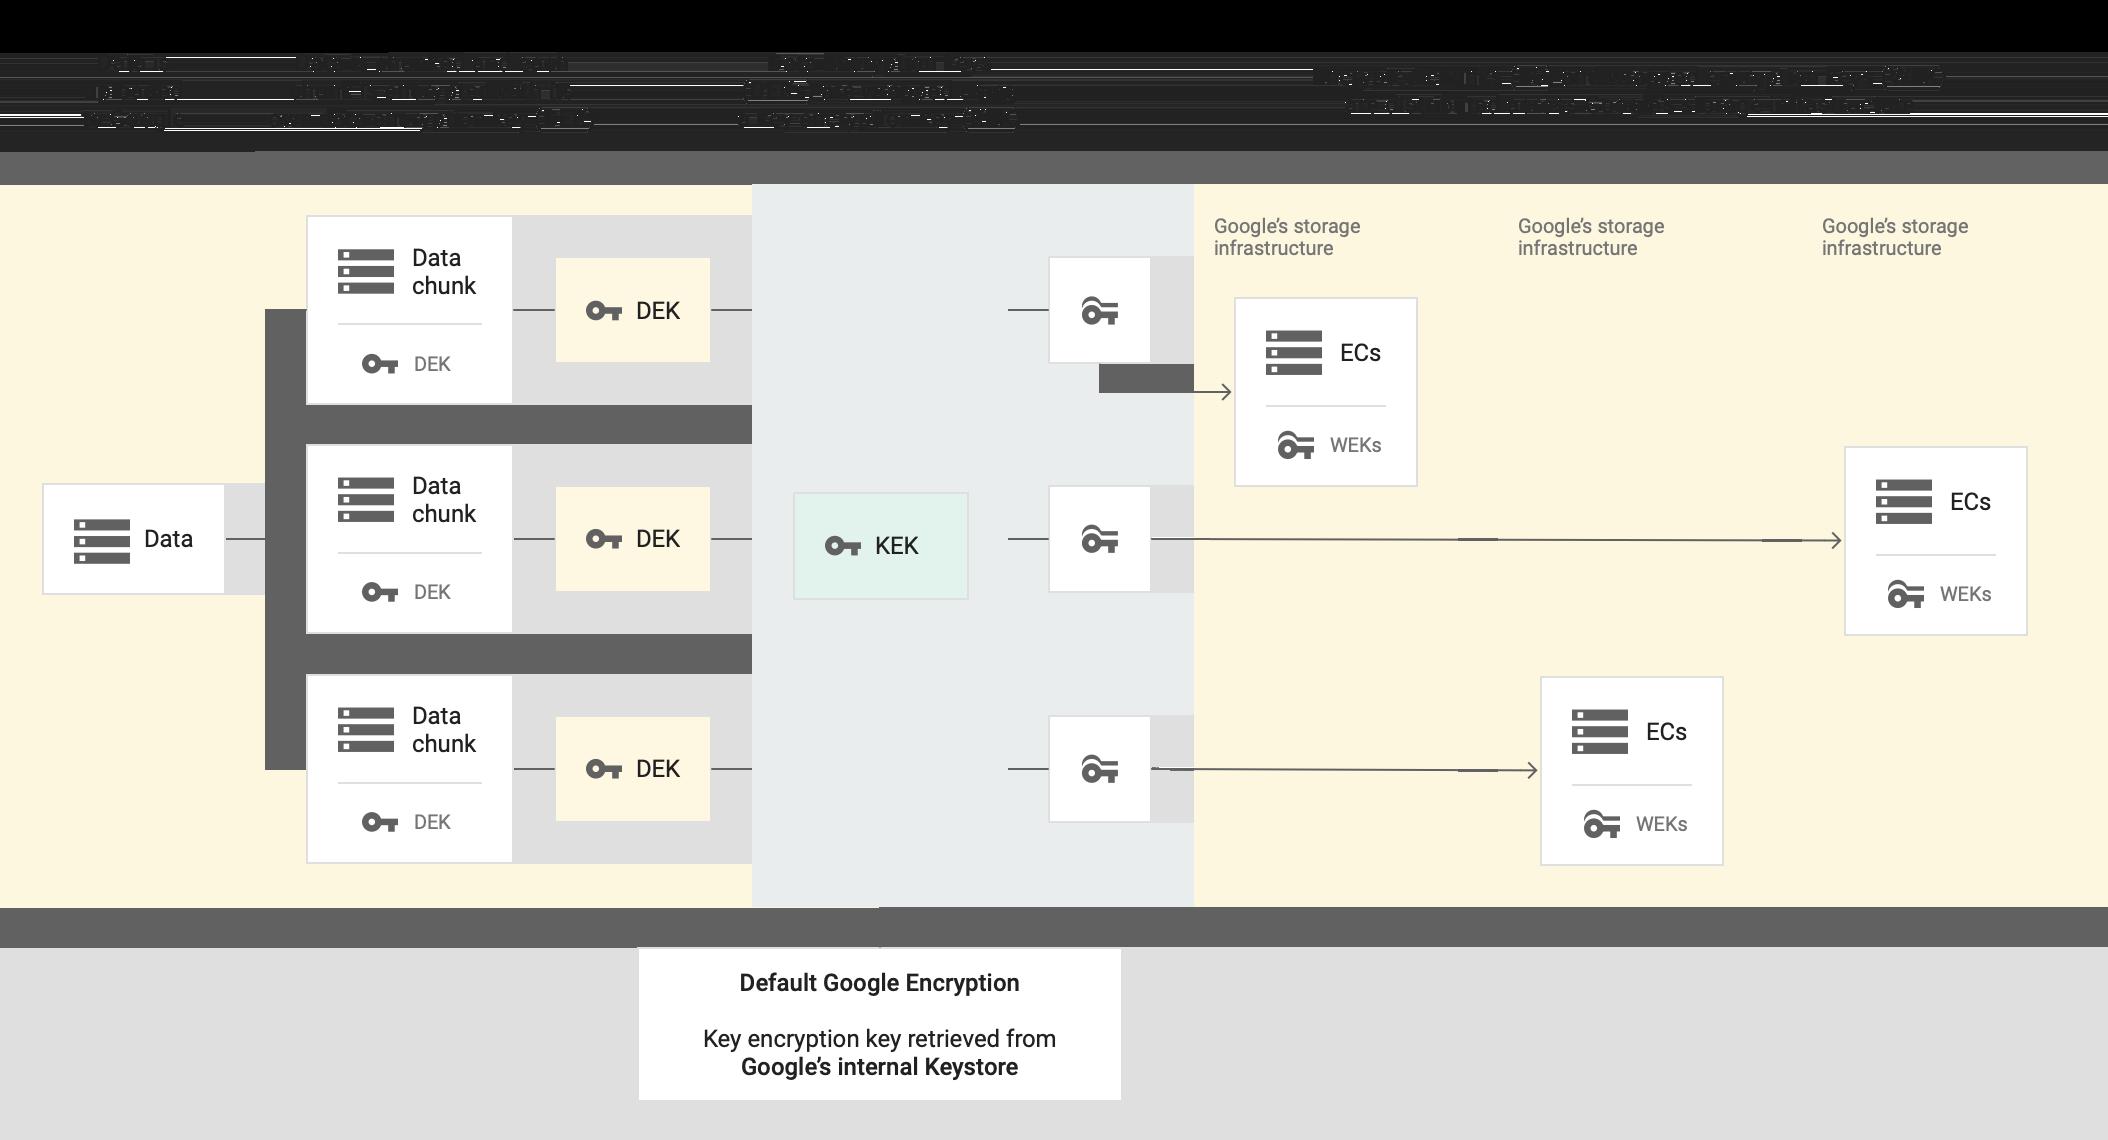 데이터가 Google에 업로드된 다음 청크로 분할되고 각 청크가 자체 데이터 암호화 키로 암호화됩니다. 데이터 암호화 키가 키 암호화 키를 사용하여 래핑됩니다. 기본 Google 암호화를 사용하면 Google의 내부 키 저장소에서 키 암호화 키를 가져옵니다. 암호화된 청크와 래핑된 암호화 키가 Google 스토리지 인프라에 배포됩니다.